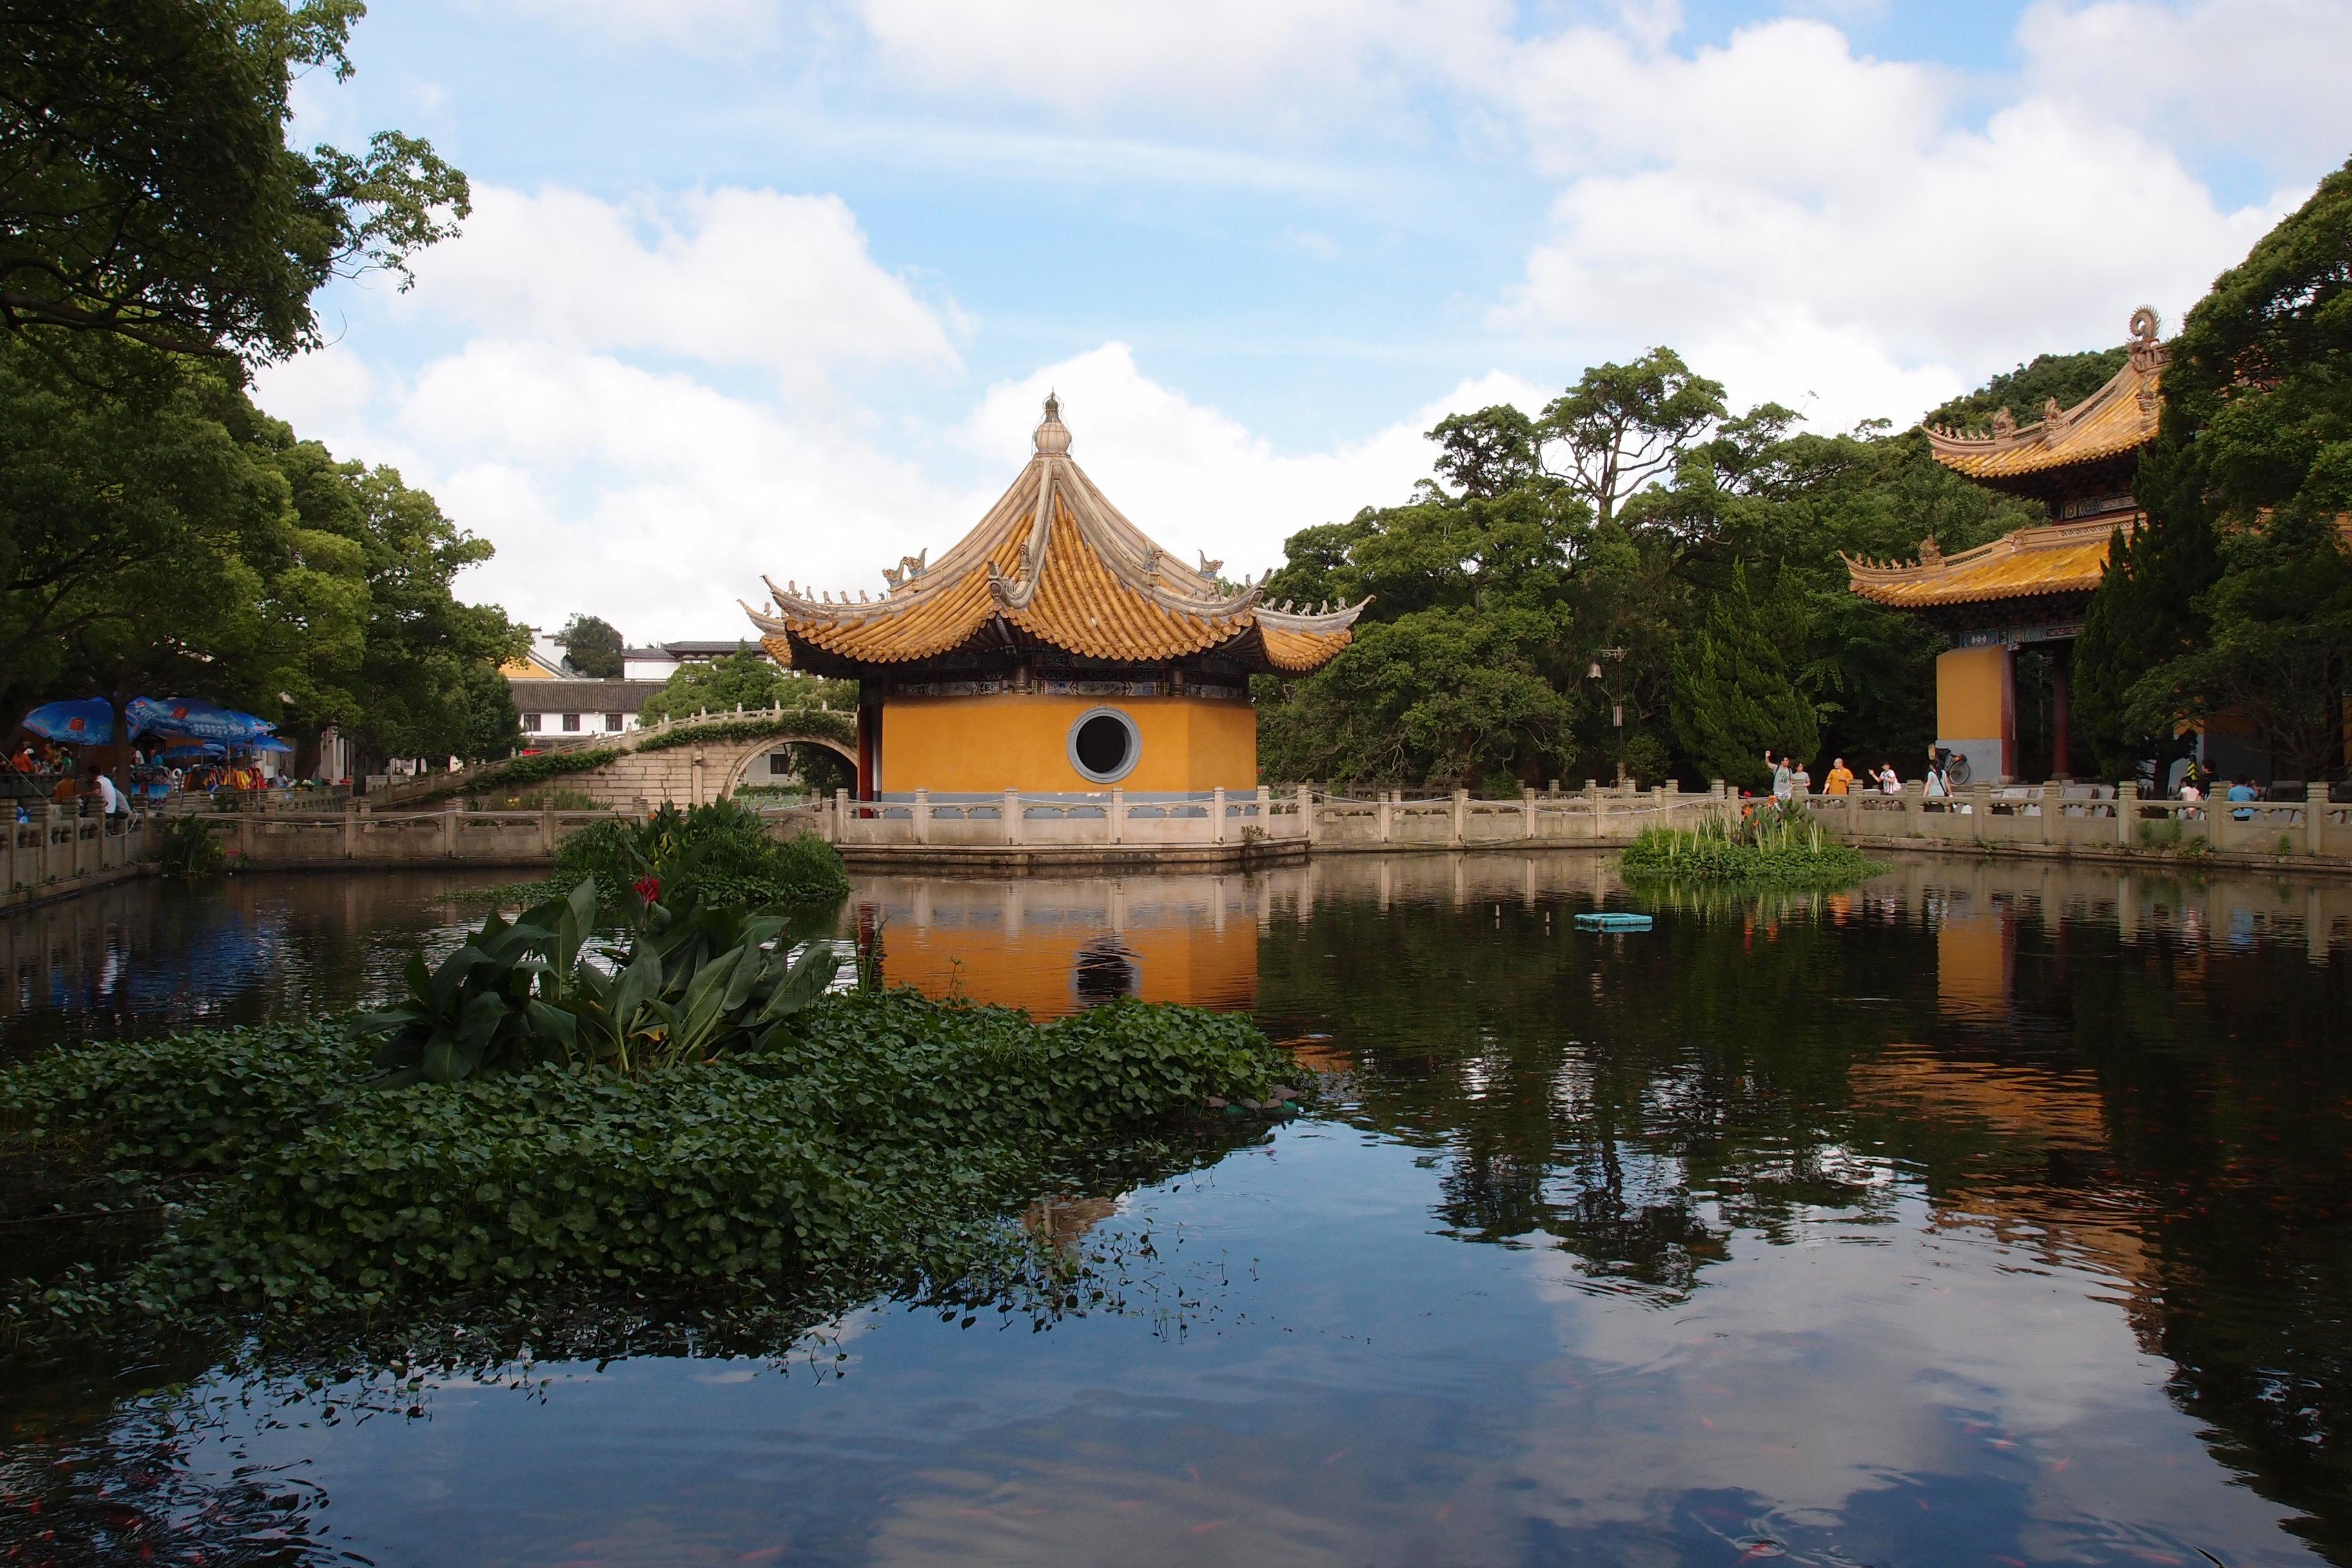 """山上文物众多,有元代的多宝塔,南京明故宫拆迁来的""""九龙殿""""以及建于"""